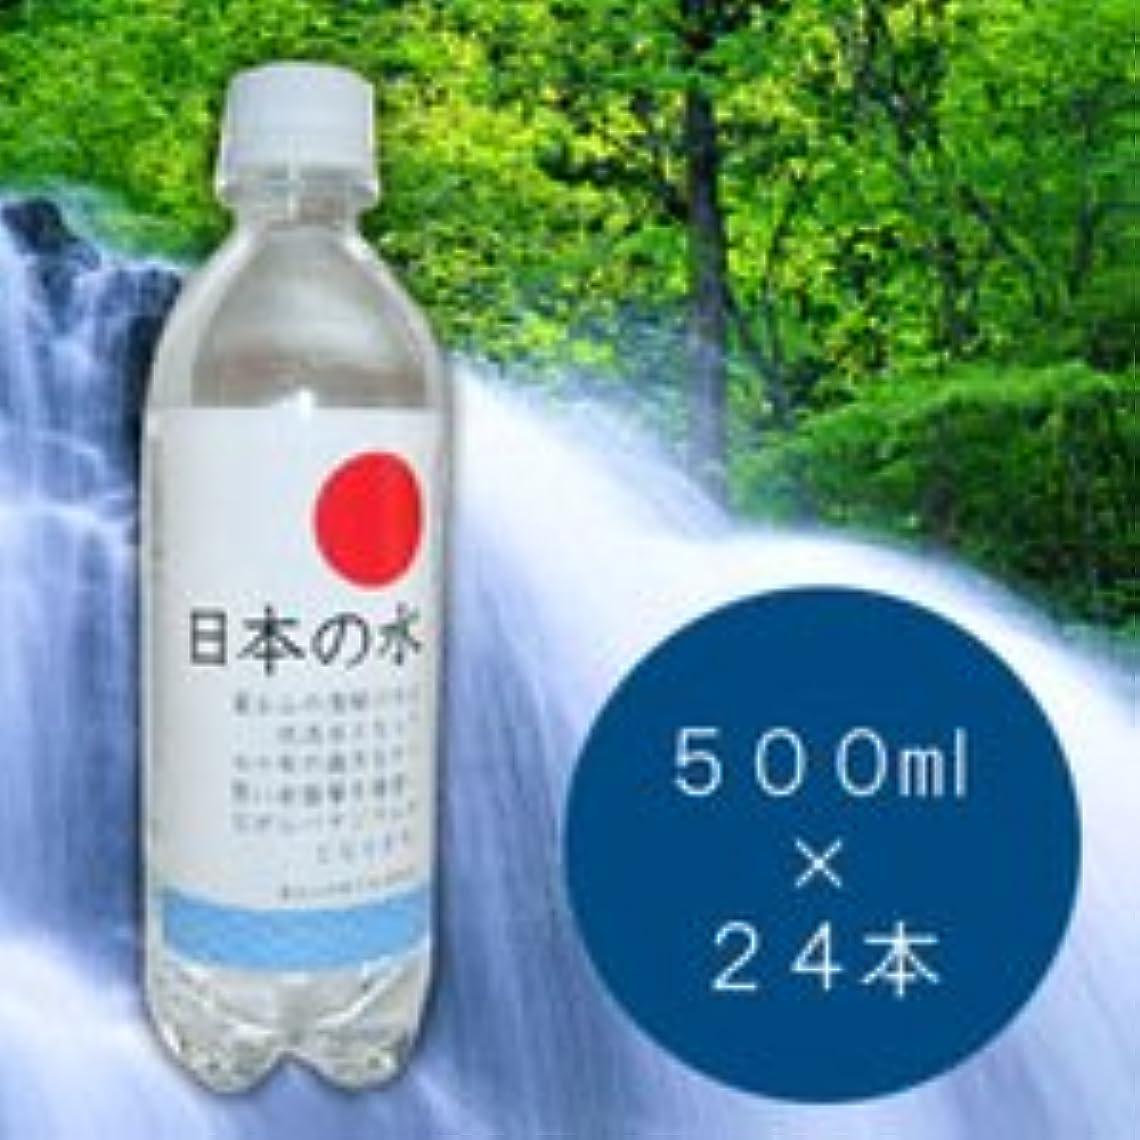 ランデブー闘争方法論日本の水 500ml×24本